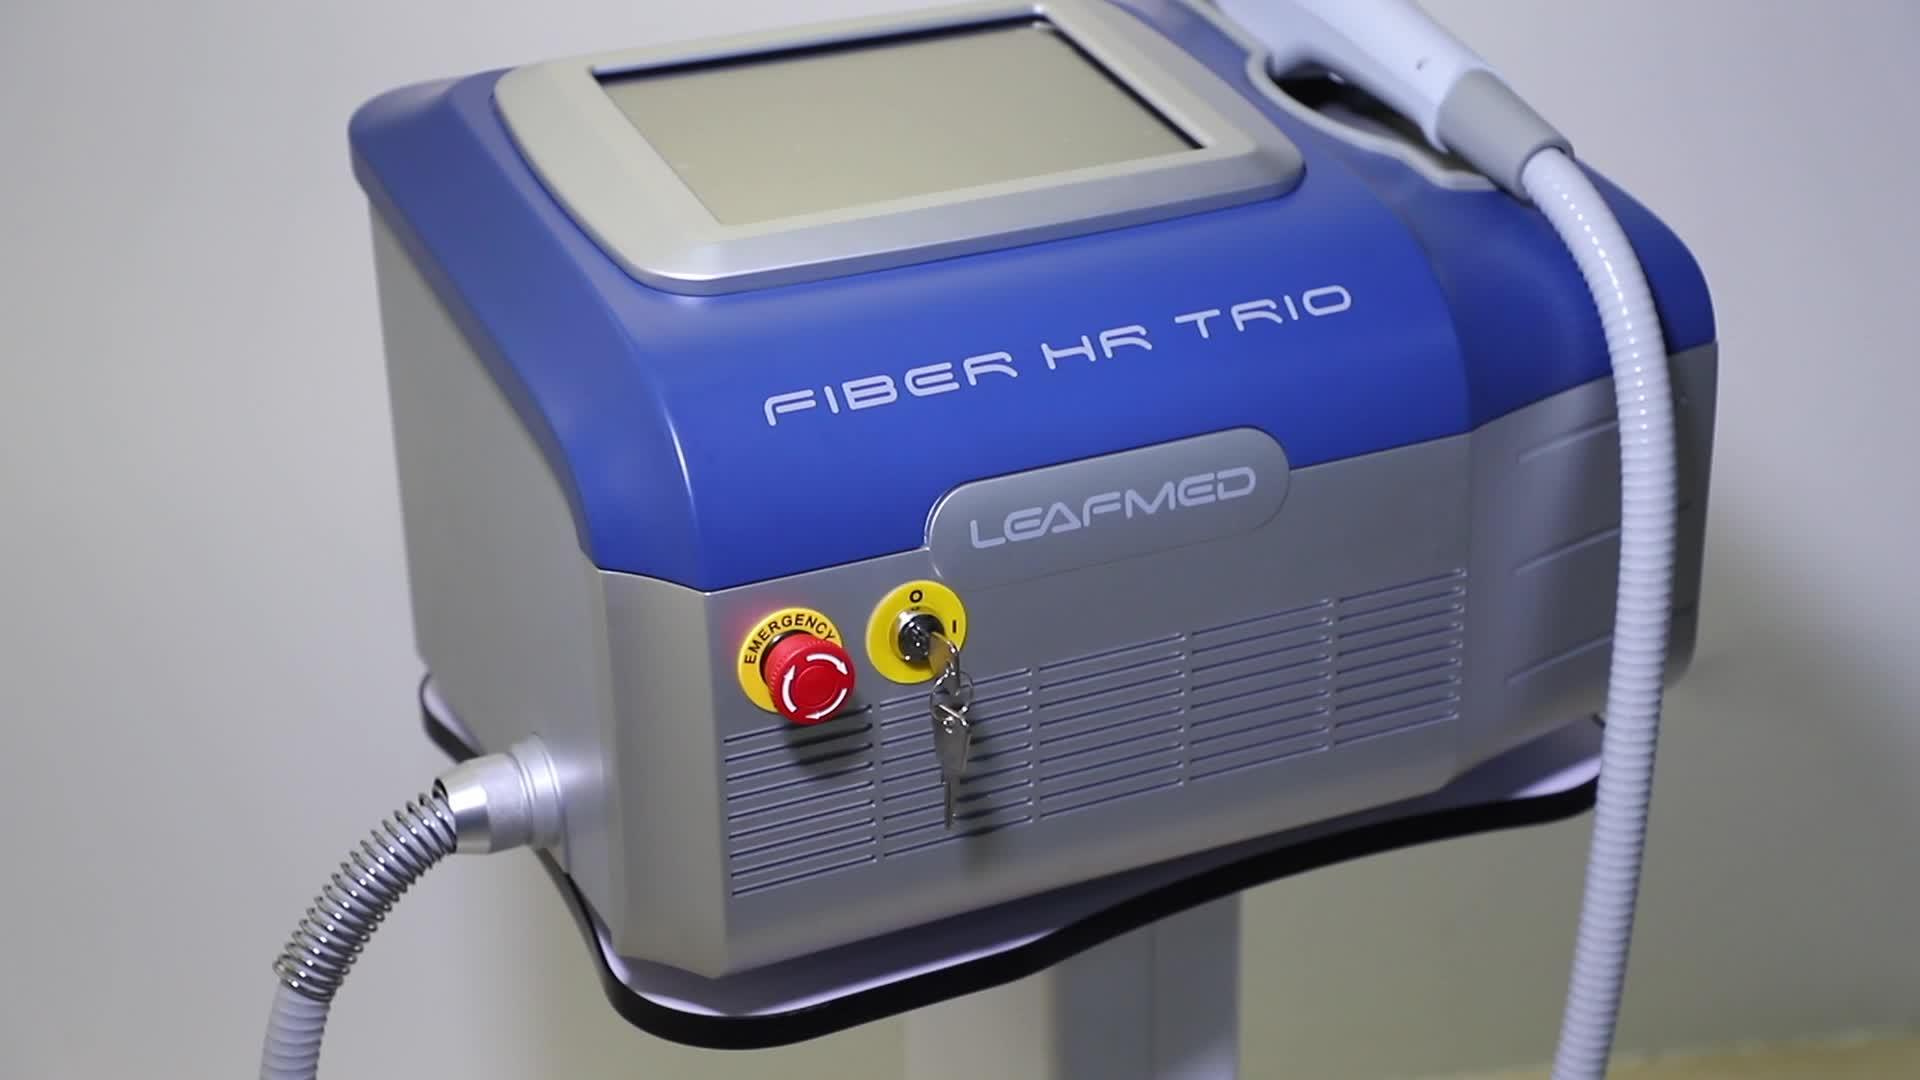 Leaflife fibra accoppiata diodo laser 3 lunghezze d'onda macchina di rimozione dei capelli perfetto per la pelle scura